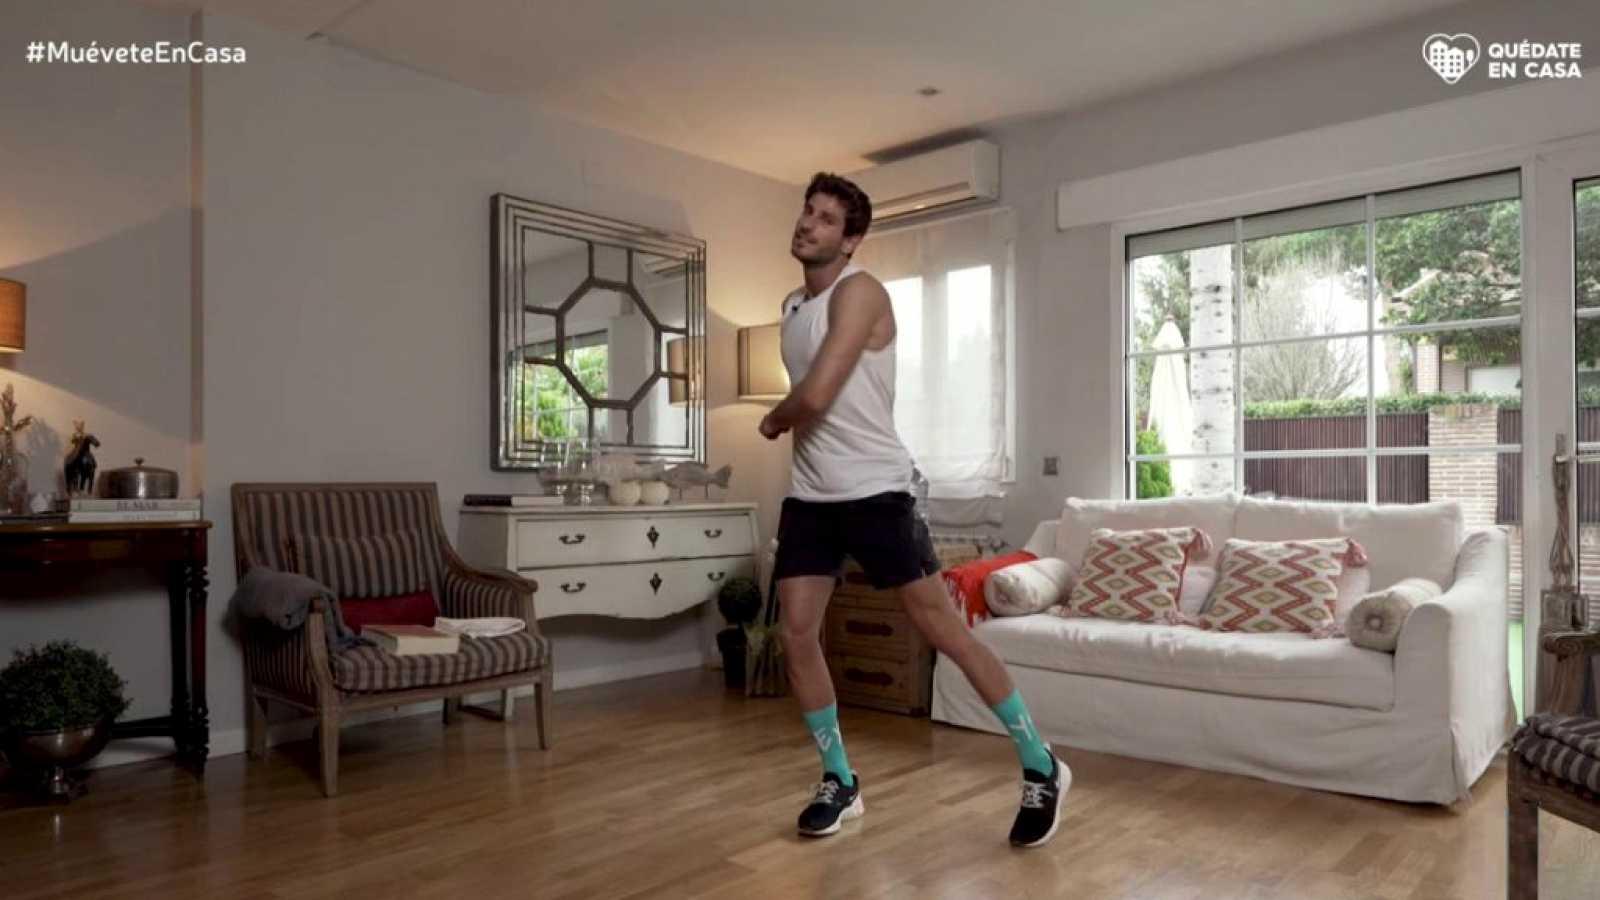 Muévete en casa - Programa 6 (cómo trabajar brazos, piernas y abdomen en casa) - ver ahora